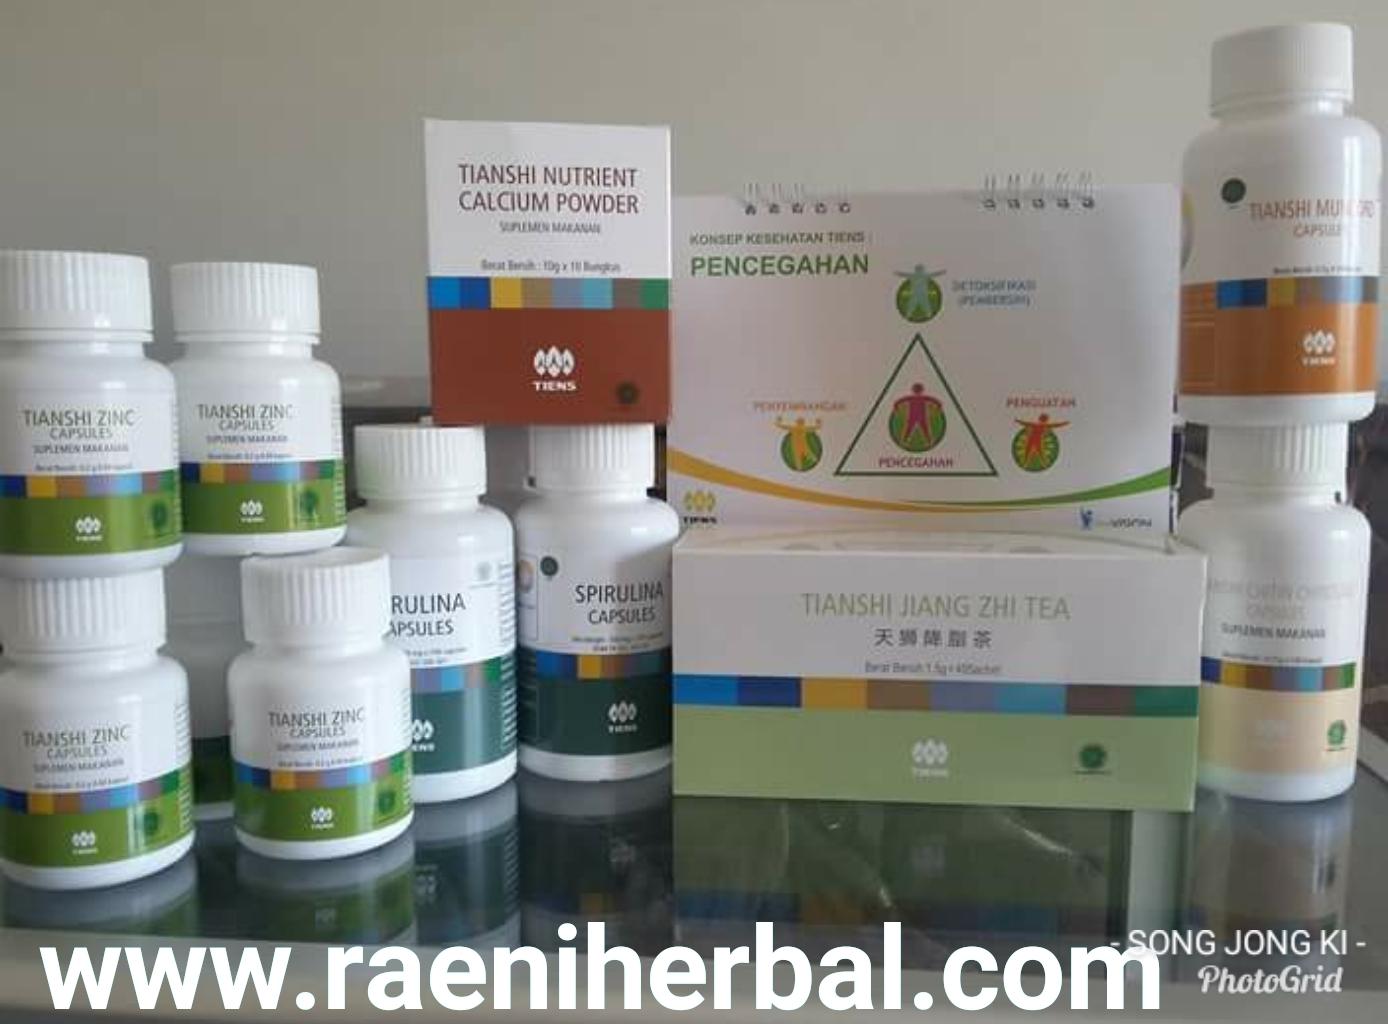 Jual Obat Penggemuk Badan Di Lhokseumawe Raeni Herbal Kami Tiens Informasi Pemesanan Atau Mau Jadi Resseler Silahkan Hubungi Telp Wa 085314196979